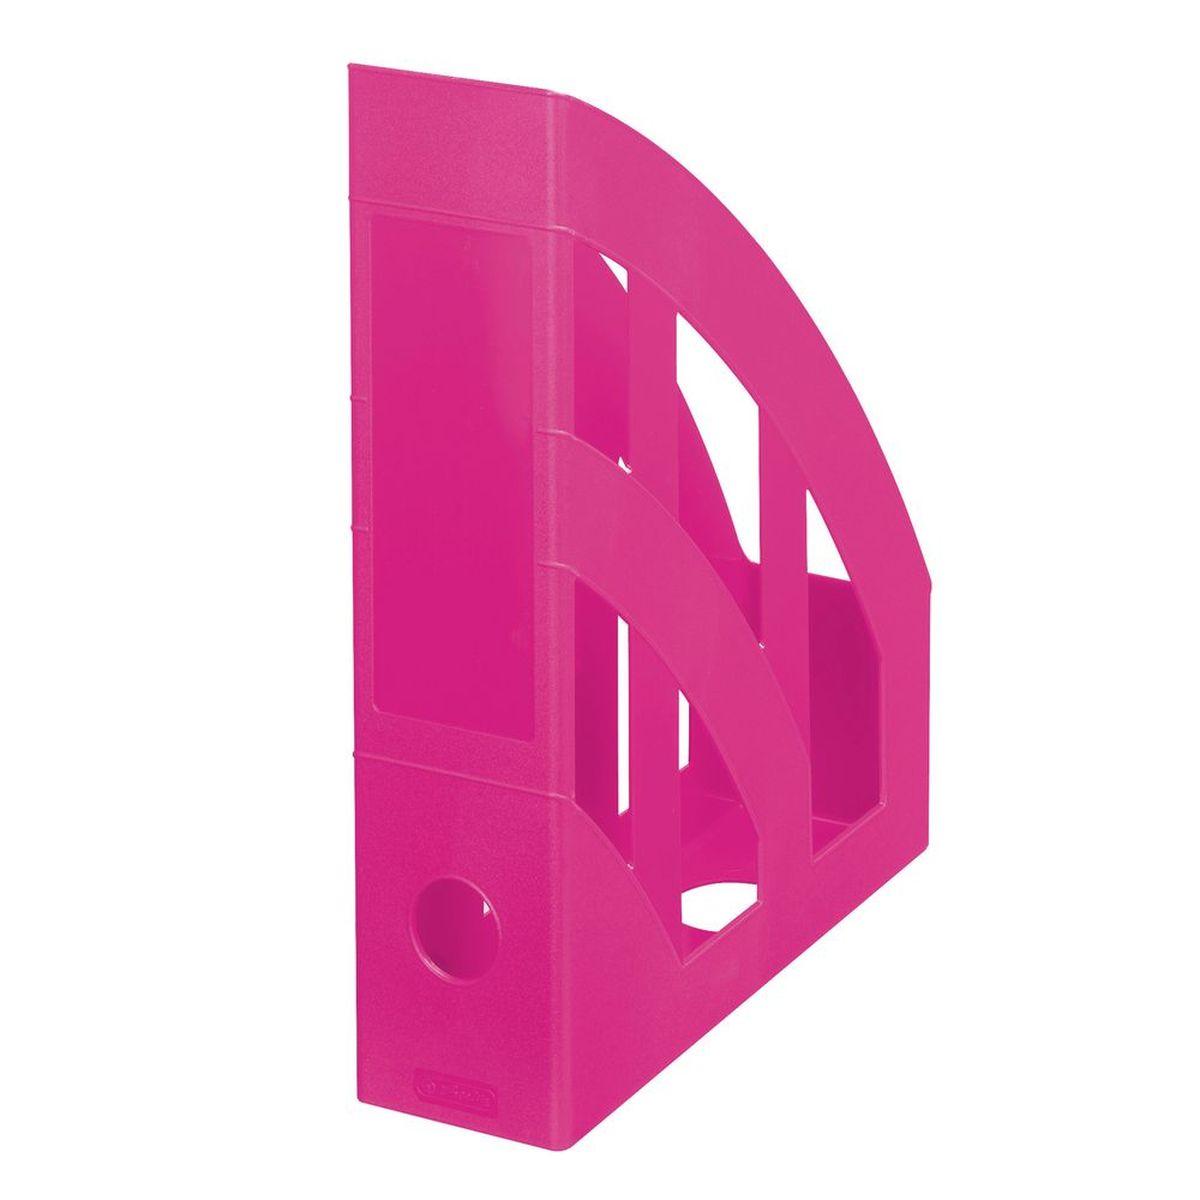 Herlitz Подставка для документов Classic цвет розовыйFS-00102Практичная подставка для бумаги формата А4 Herlitz всегда поможет вам избавиться от лишних документов и содержать порядок на рабочем столе. Она изготовлена из пластика и имеет круглый слот на задней стенке, находится всегда в вертикальном положении, тем самым обеспечивая надежную фиксацию различных документов.Подставка для документов значительно облегчает делопроизводство. Яркий дизайн позволит ей стать достойным аксессуаром среди ваших канцелярских принадлежностей и будет дарить вам хорошее настроение.